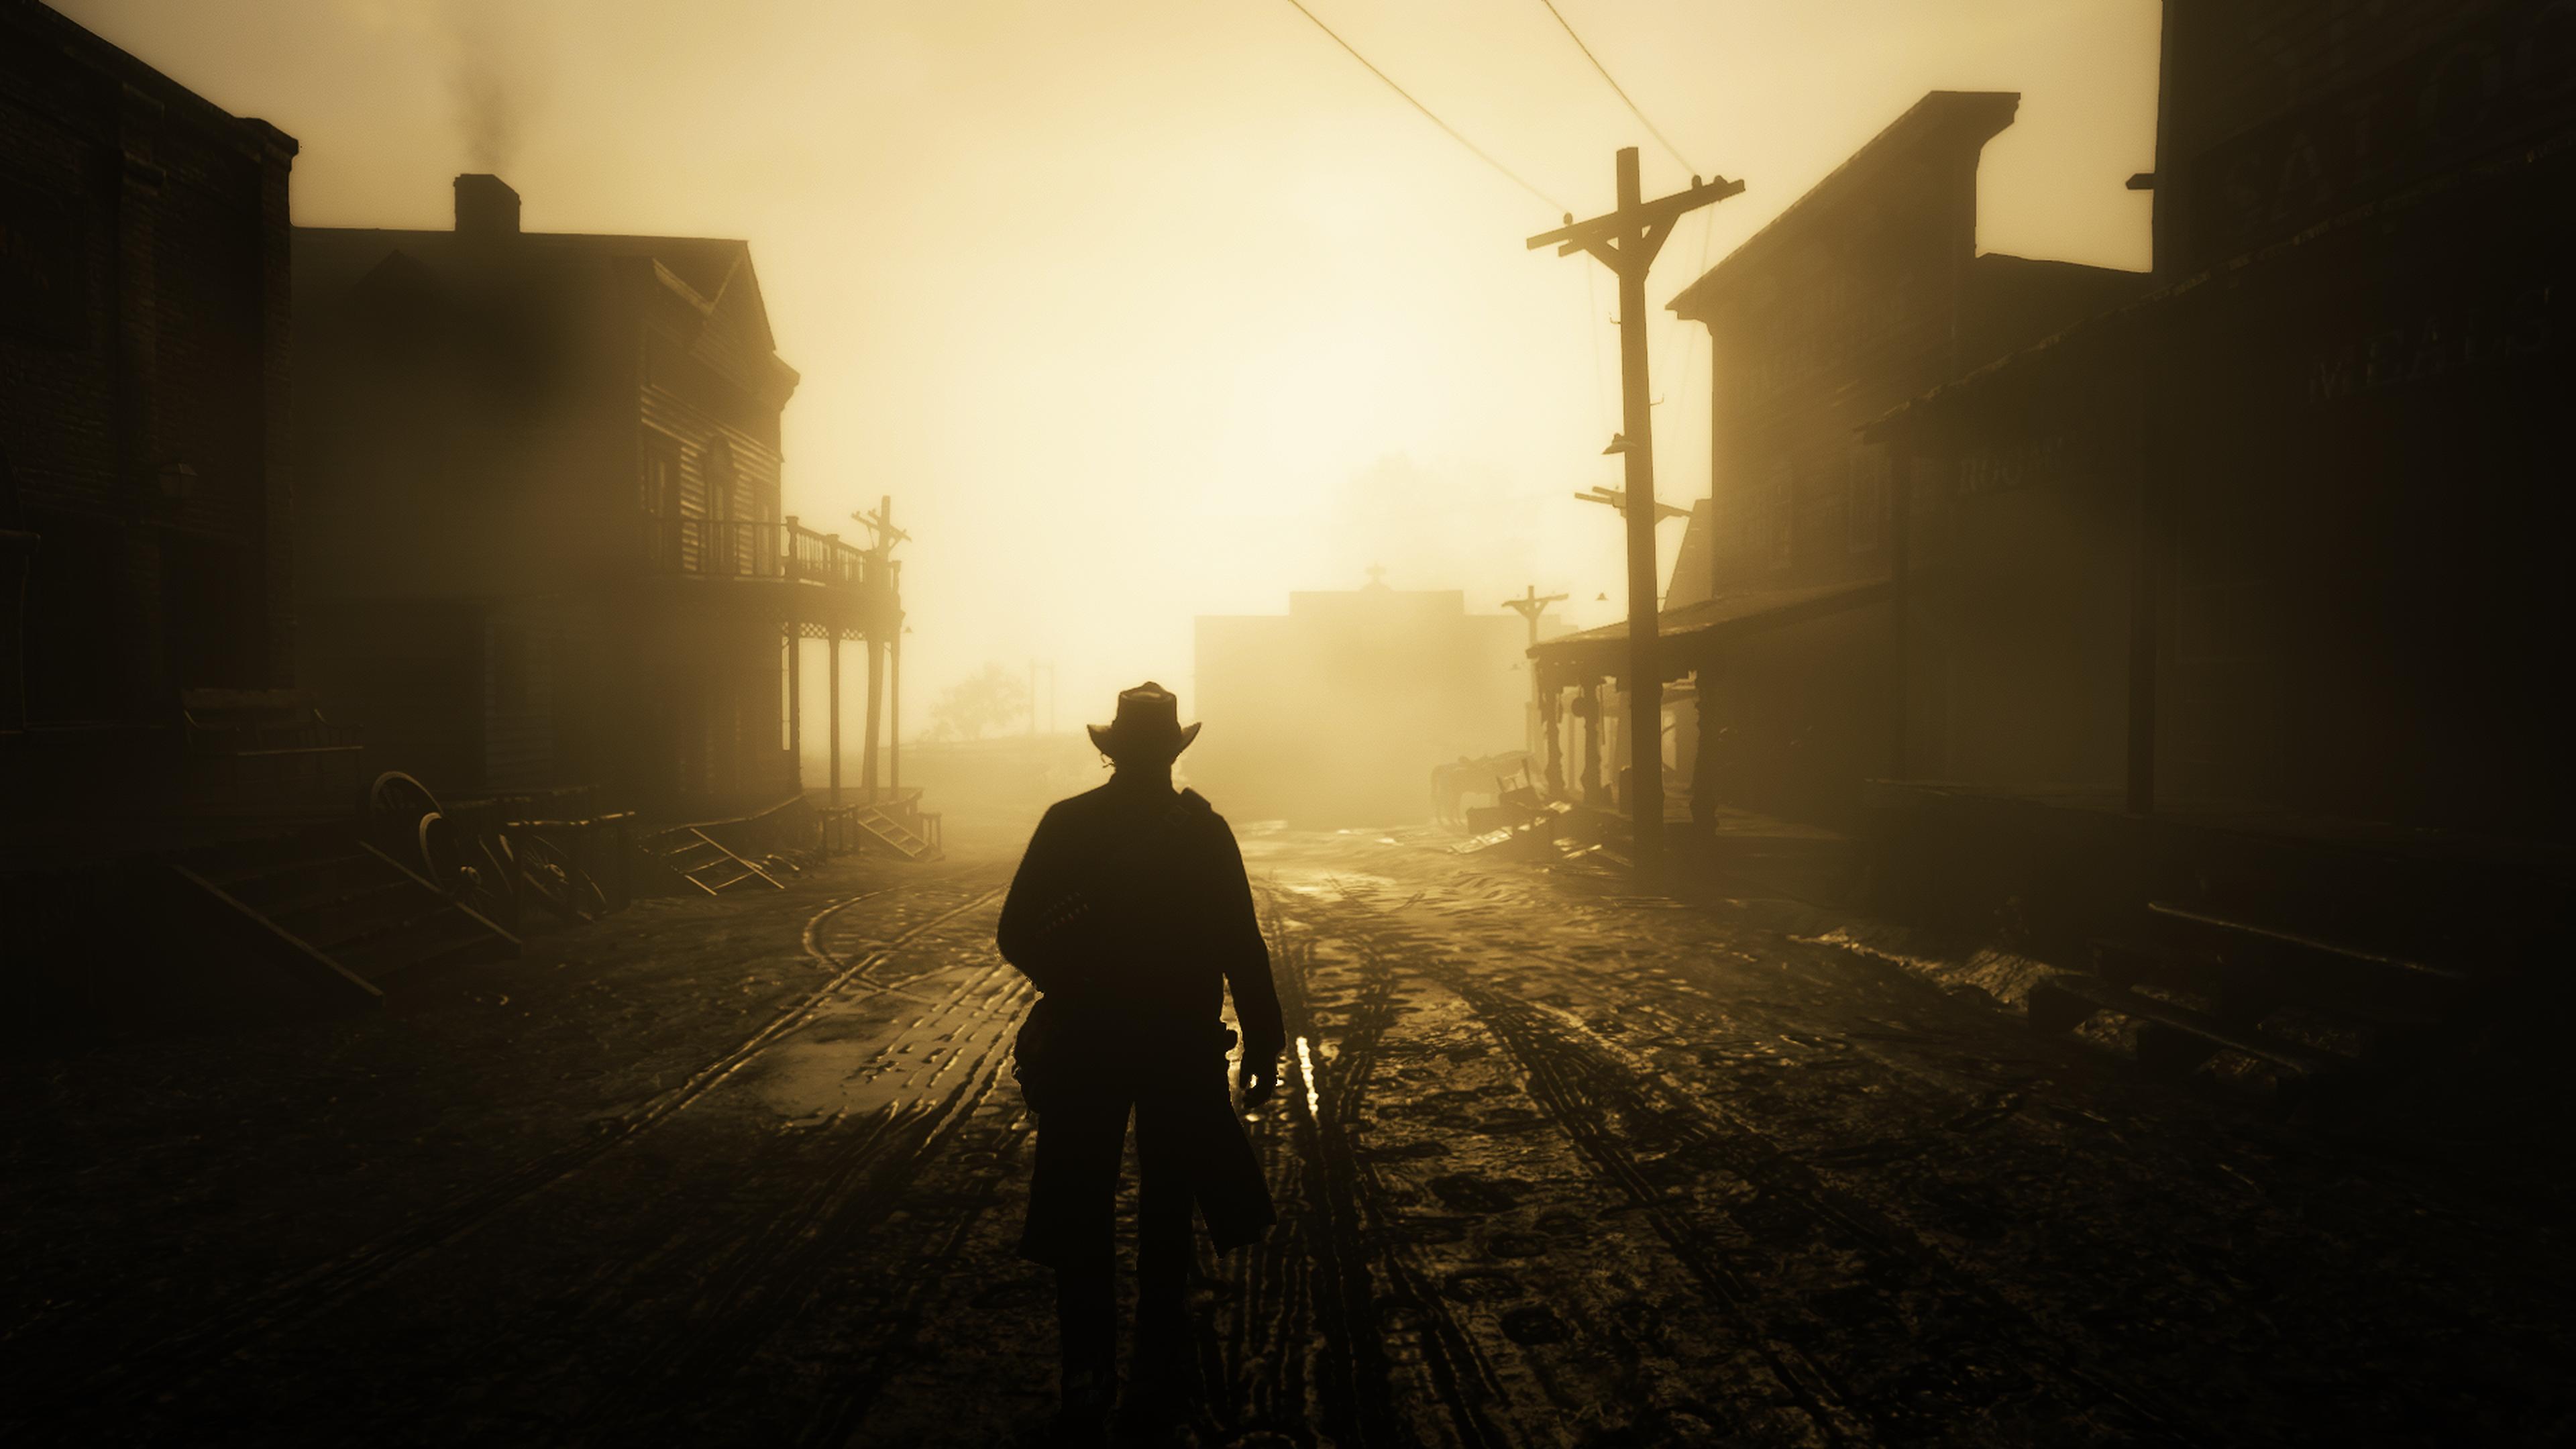 Ipad Retina Hd Wallpaper Rockstar Games: 3840x2160 Red Dead Redemption 2 Rockstar Games 4k HD 4k